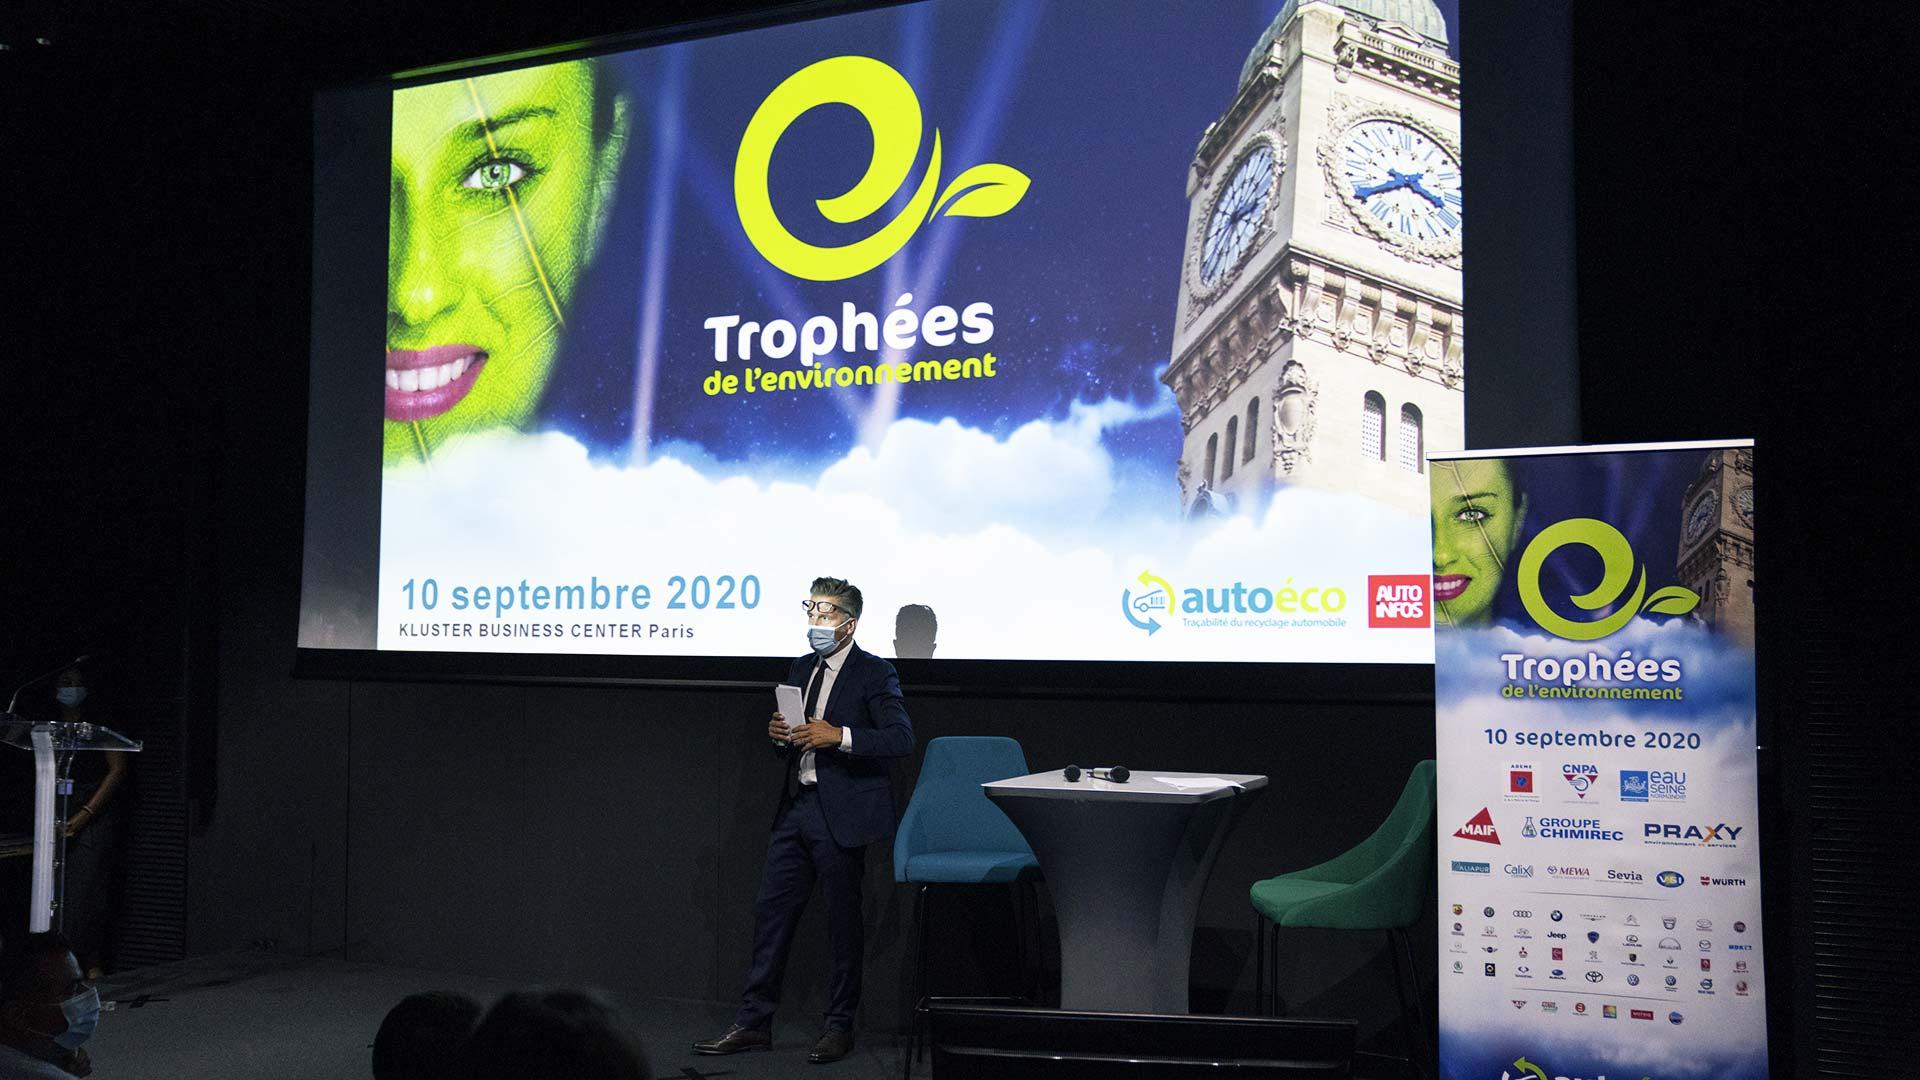 Les Trophées de l'Environnement édition 2020 soirée présentation